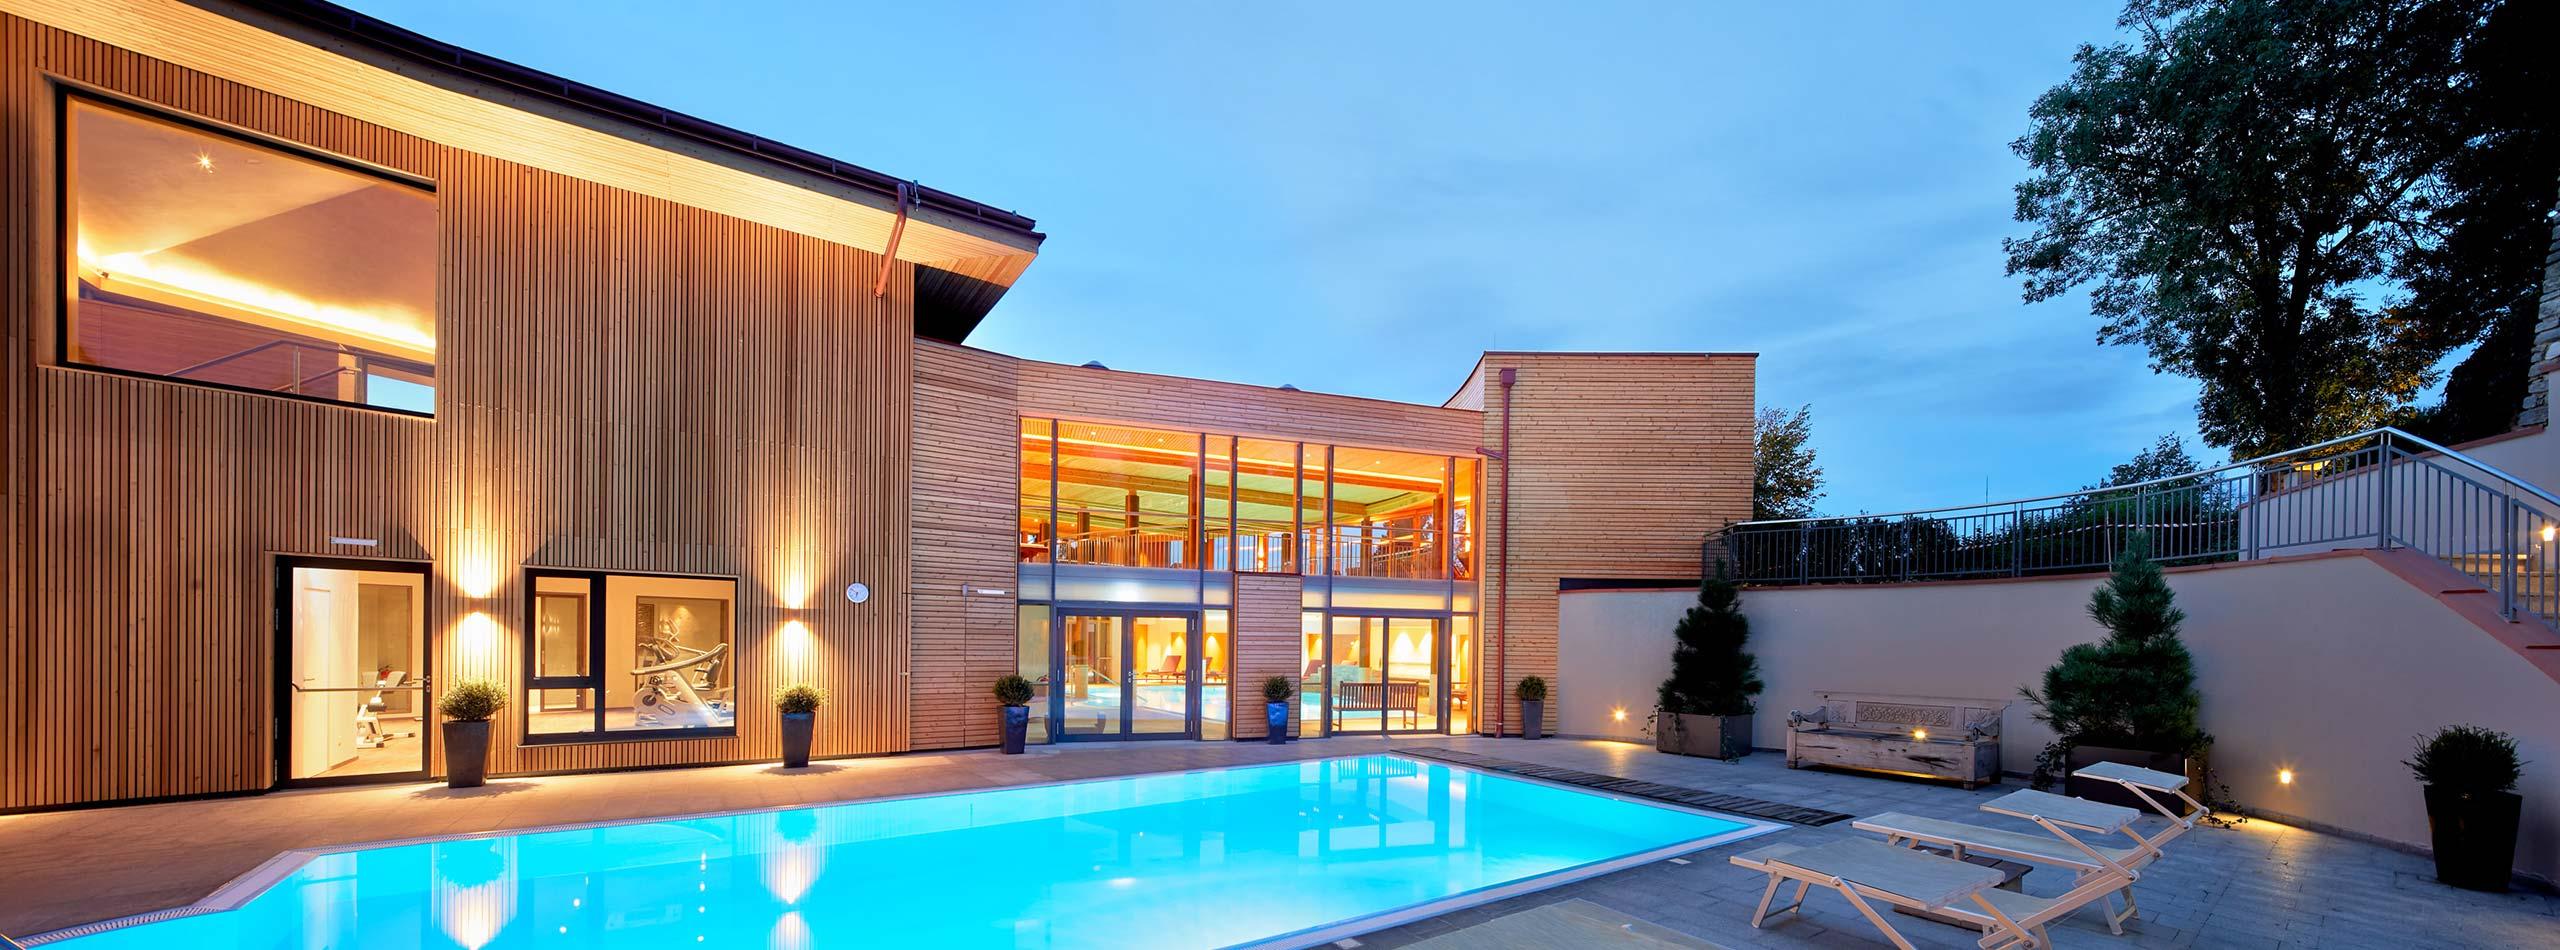 Hotelhalle Ayurveda Hotel & Resort Mandira Ayurveda in Österreich